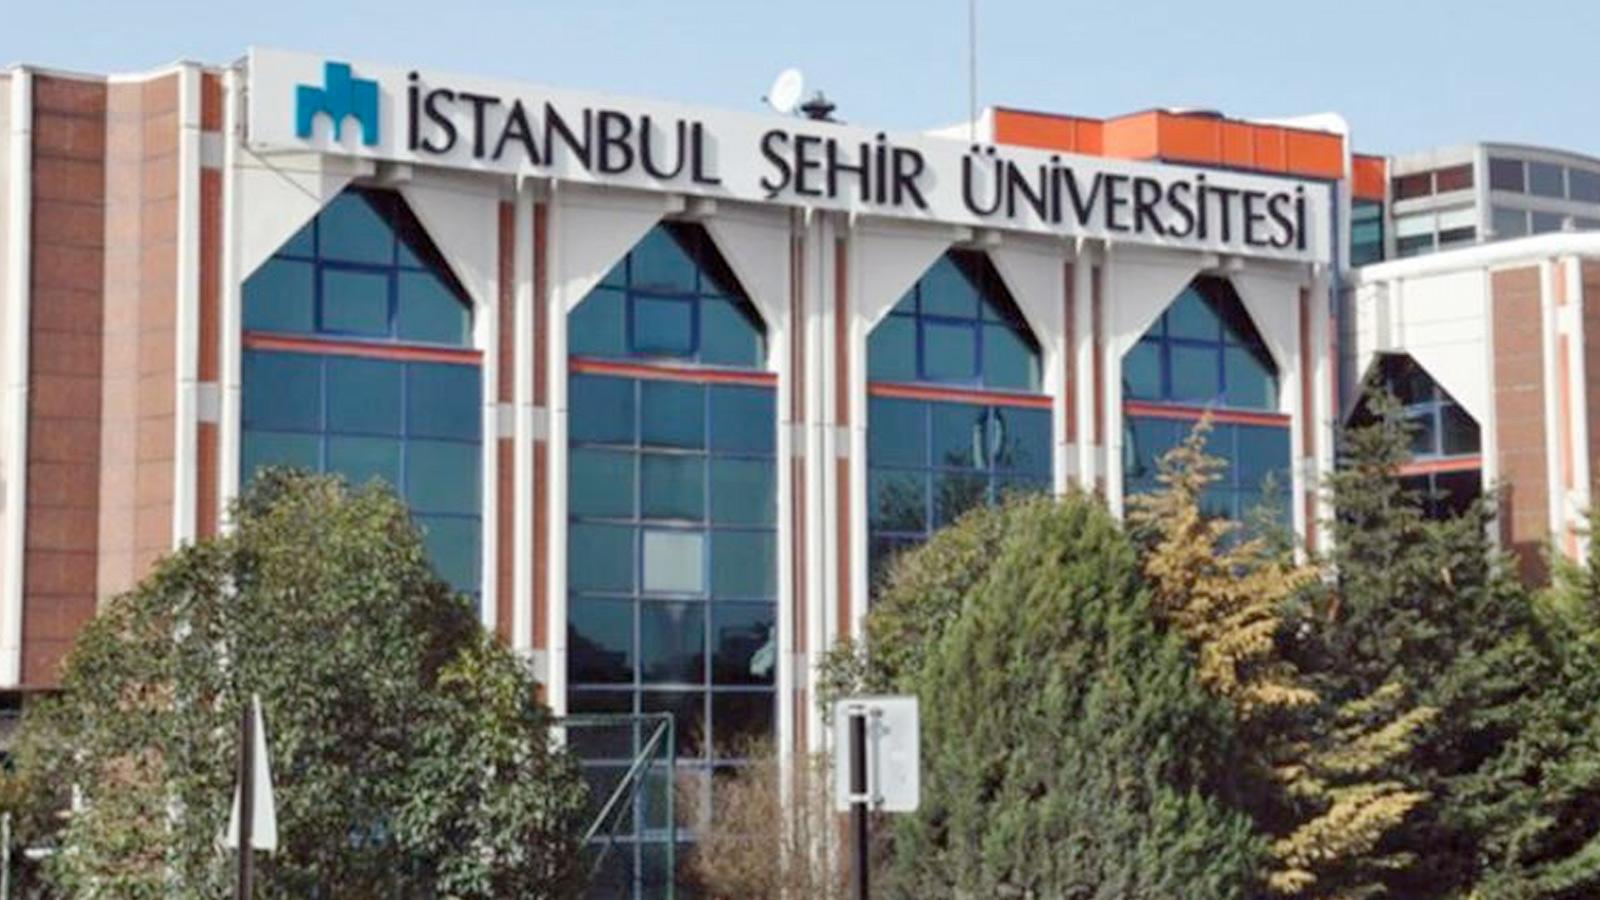 Şehir Üniversitesi'nden Erdoğan'a cevap